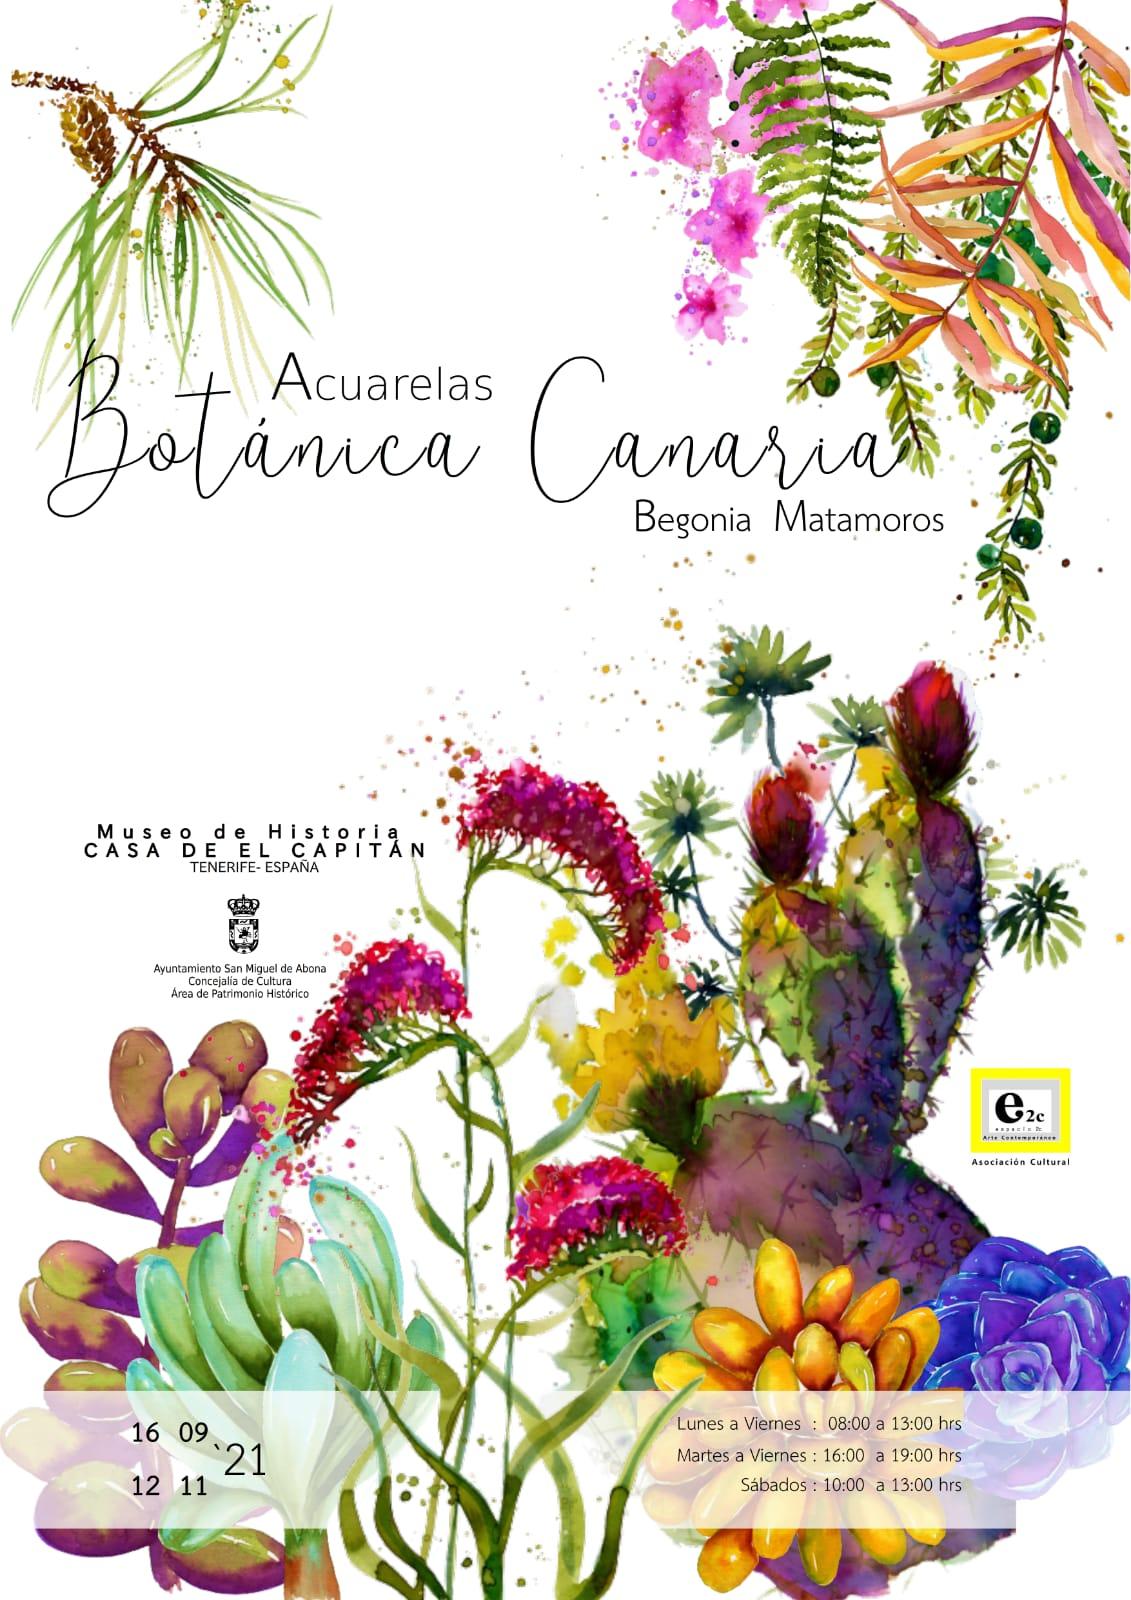 Fiestas Patronales. San Miguel de Abona/ canariasnoticias